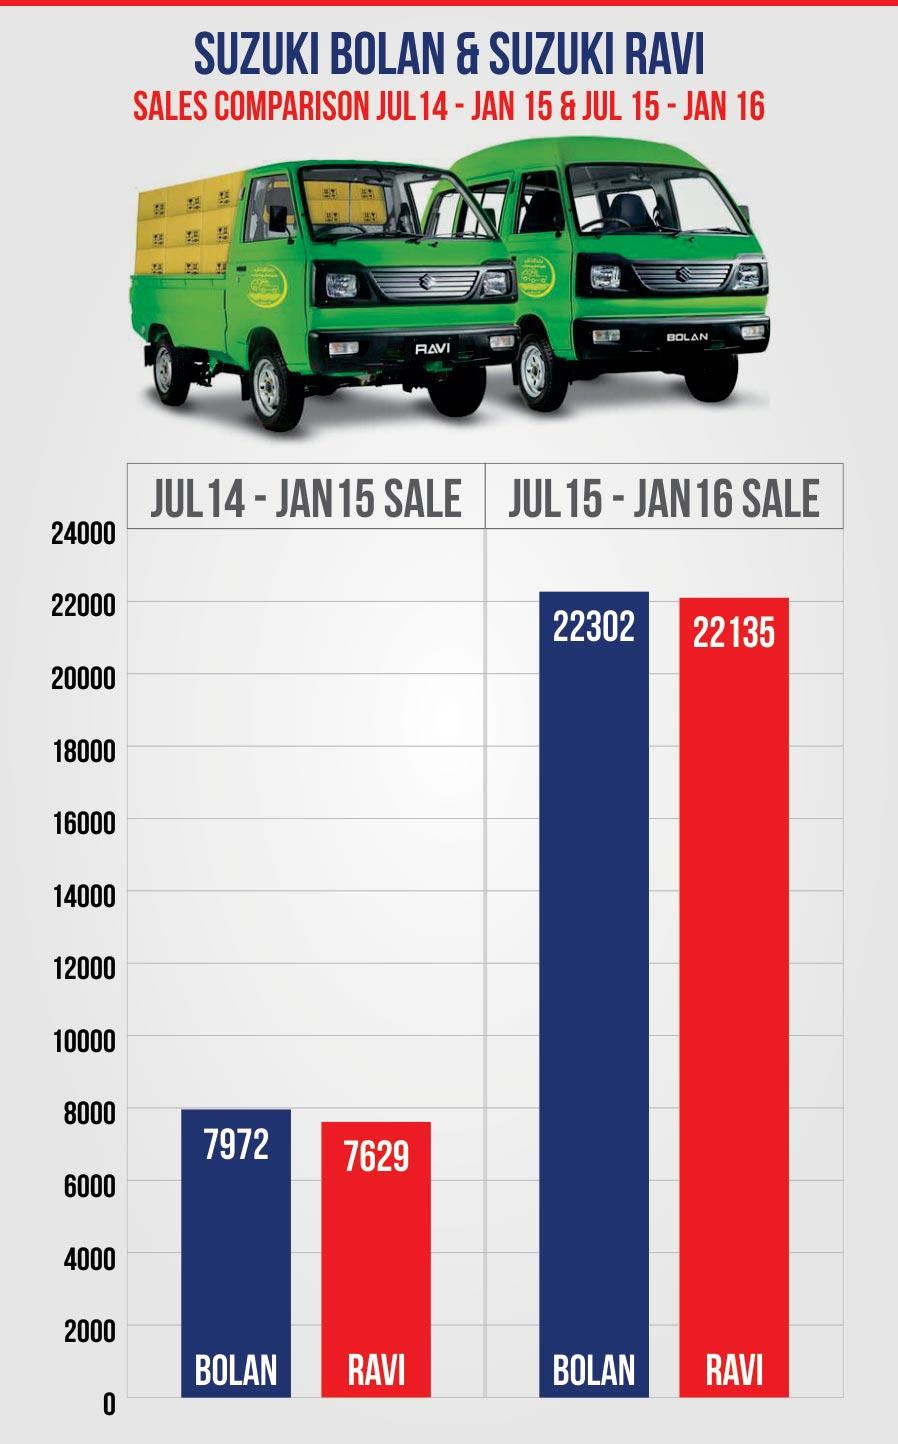 Suzuki Pakistan Ravi Bolan Sales